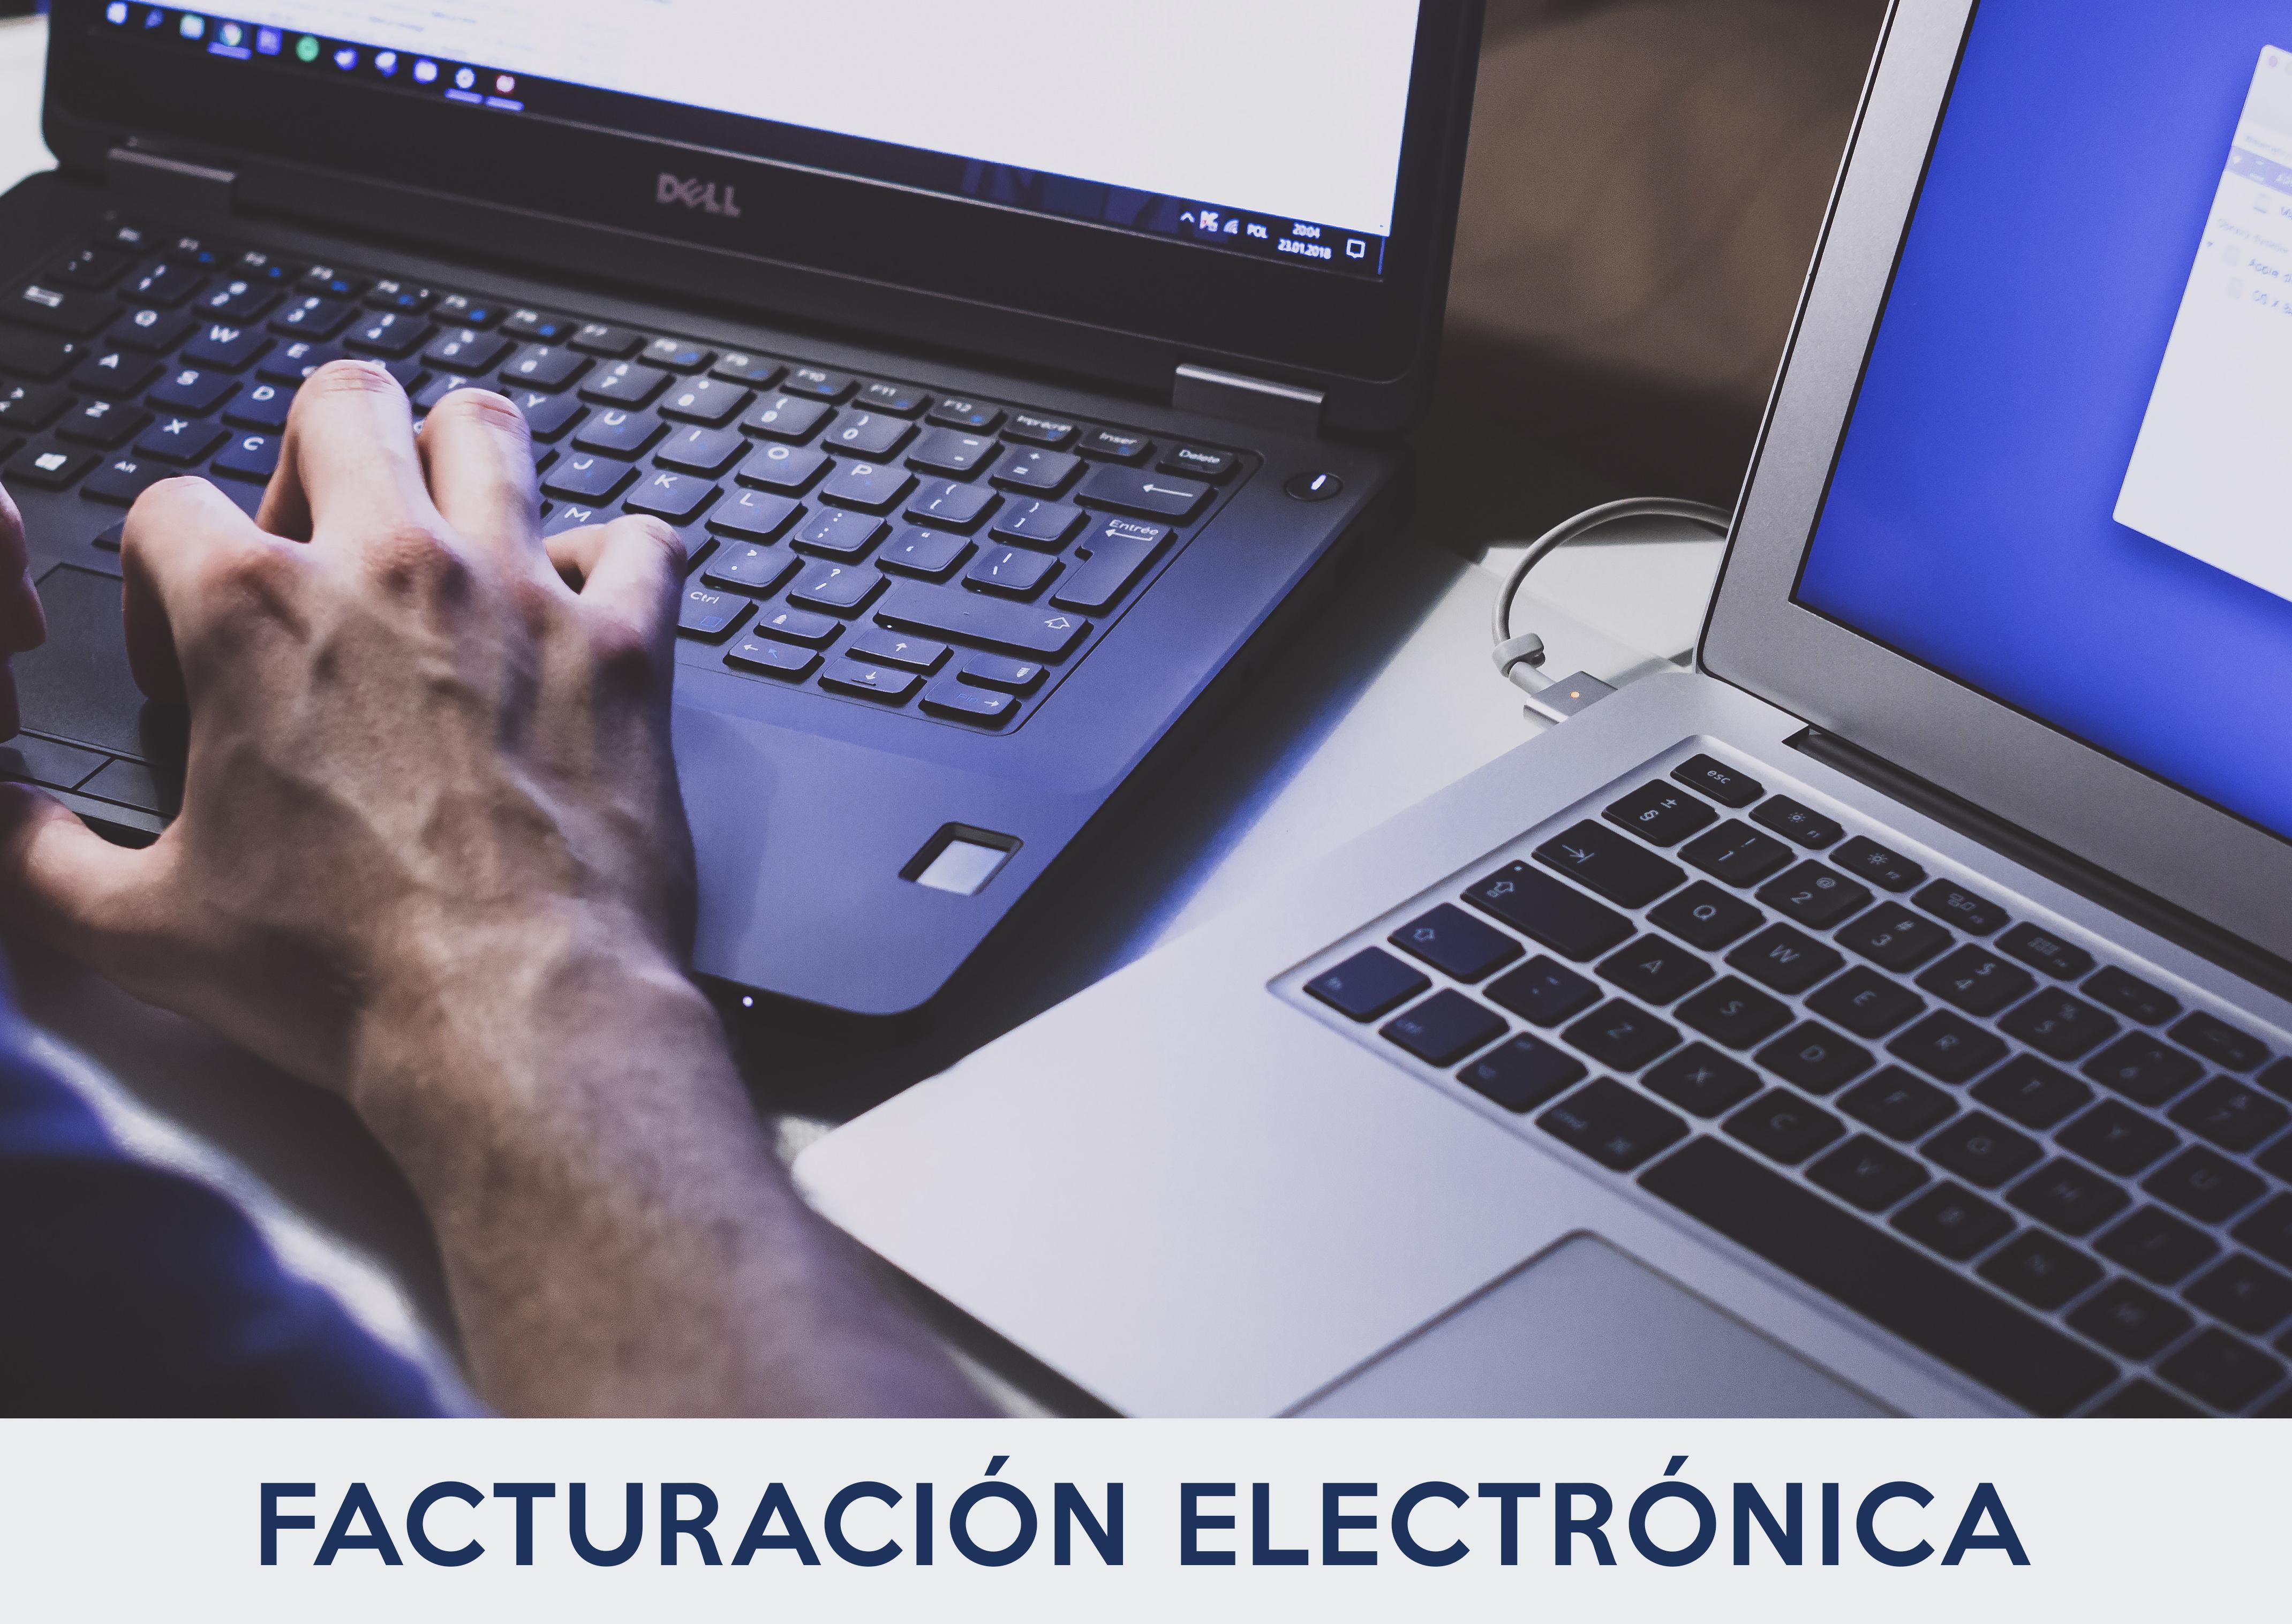 Asesoría fact. electrónica